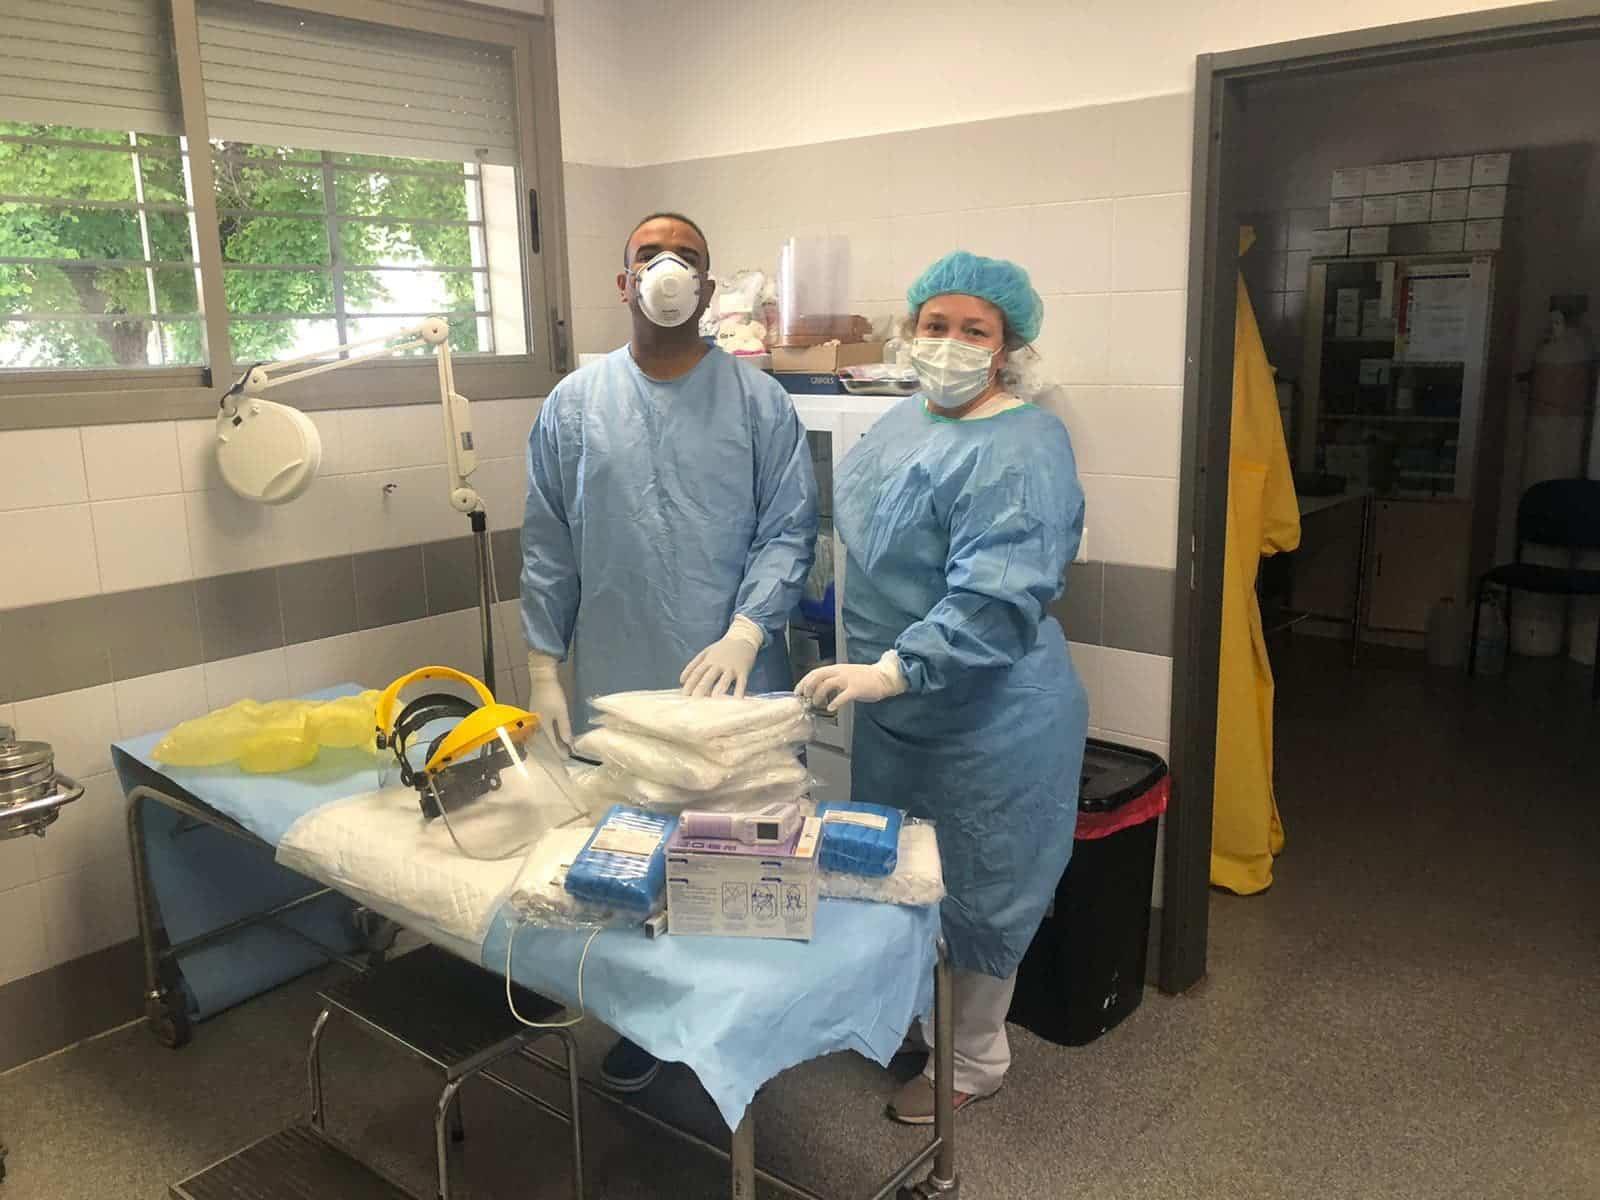 comunidad dona centro salud herencia 2 - La comunidad dota de material sanitario al Centro de Salud de Herencia